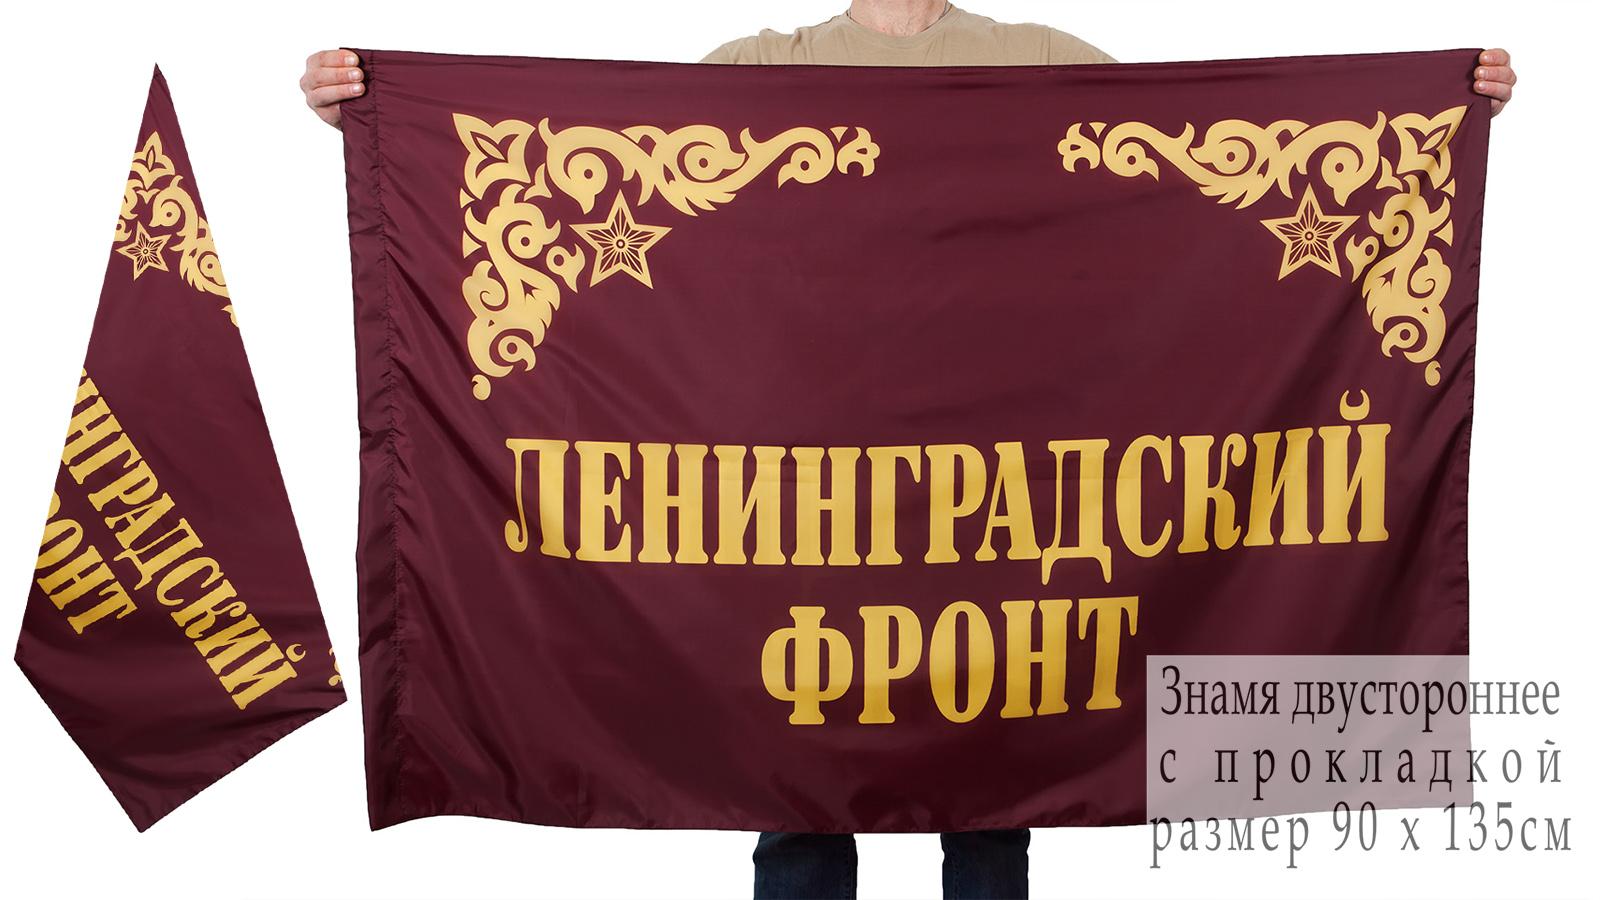 Двухстороннее знамя Ленинградского фронта